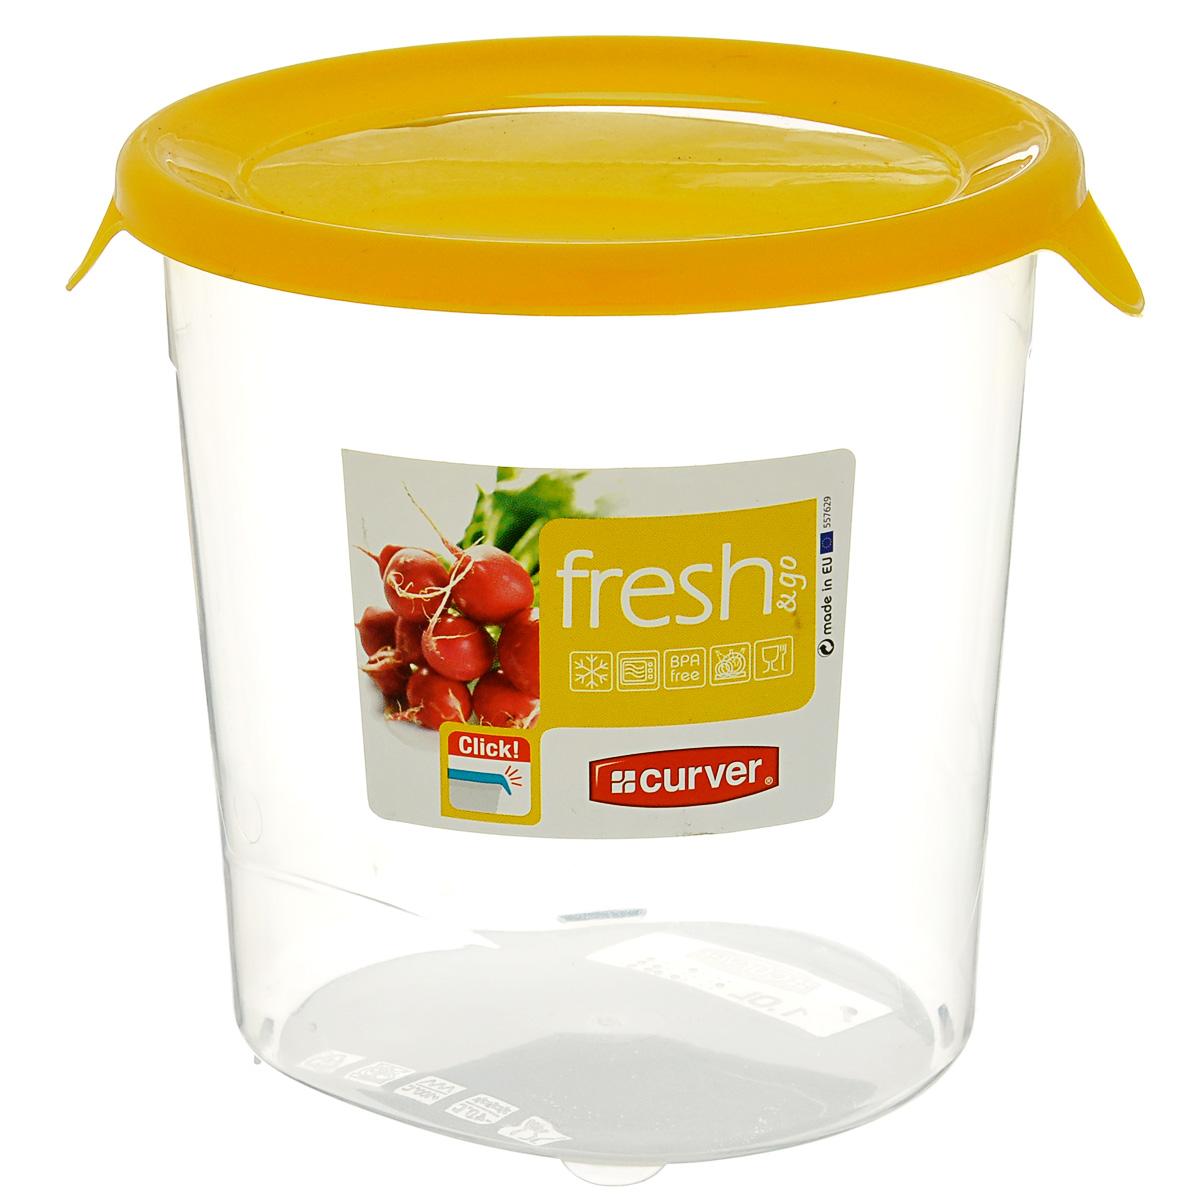 Емкость для заморозки и СВЧ Curver Fresh & Go, цвет: желтый, 1 л00564-007-01Круглая емкость для заморозки и СВЧ Curver изготовлена из высококачественного пищевого пластика (BPA free), который выдерживает температуру от -40°С до +100°С. Стенки емкости прозрачные, а крышка цветная. Она плотно закрывается, дольше сохраняя продукты свежими и вкусными. Емкость удобно брать с собой на работу, учебу, пикник или просто использовать для хранения пищи в холодильнике. Можно использовать в микроволновой печи и для заморозки в морозильной камере. Можно мыть в посудомоечной машине.